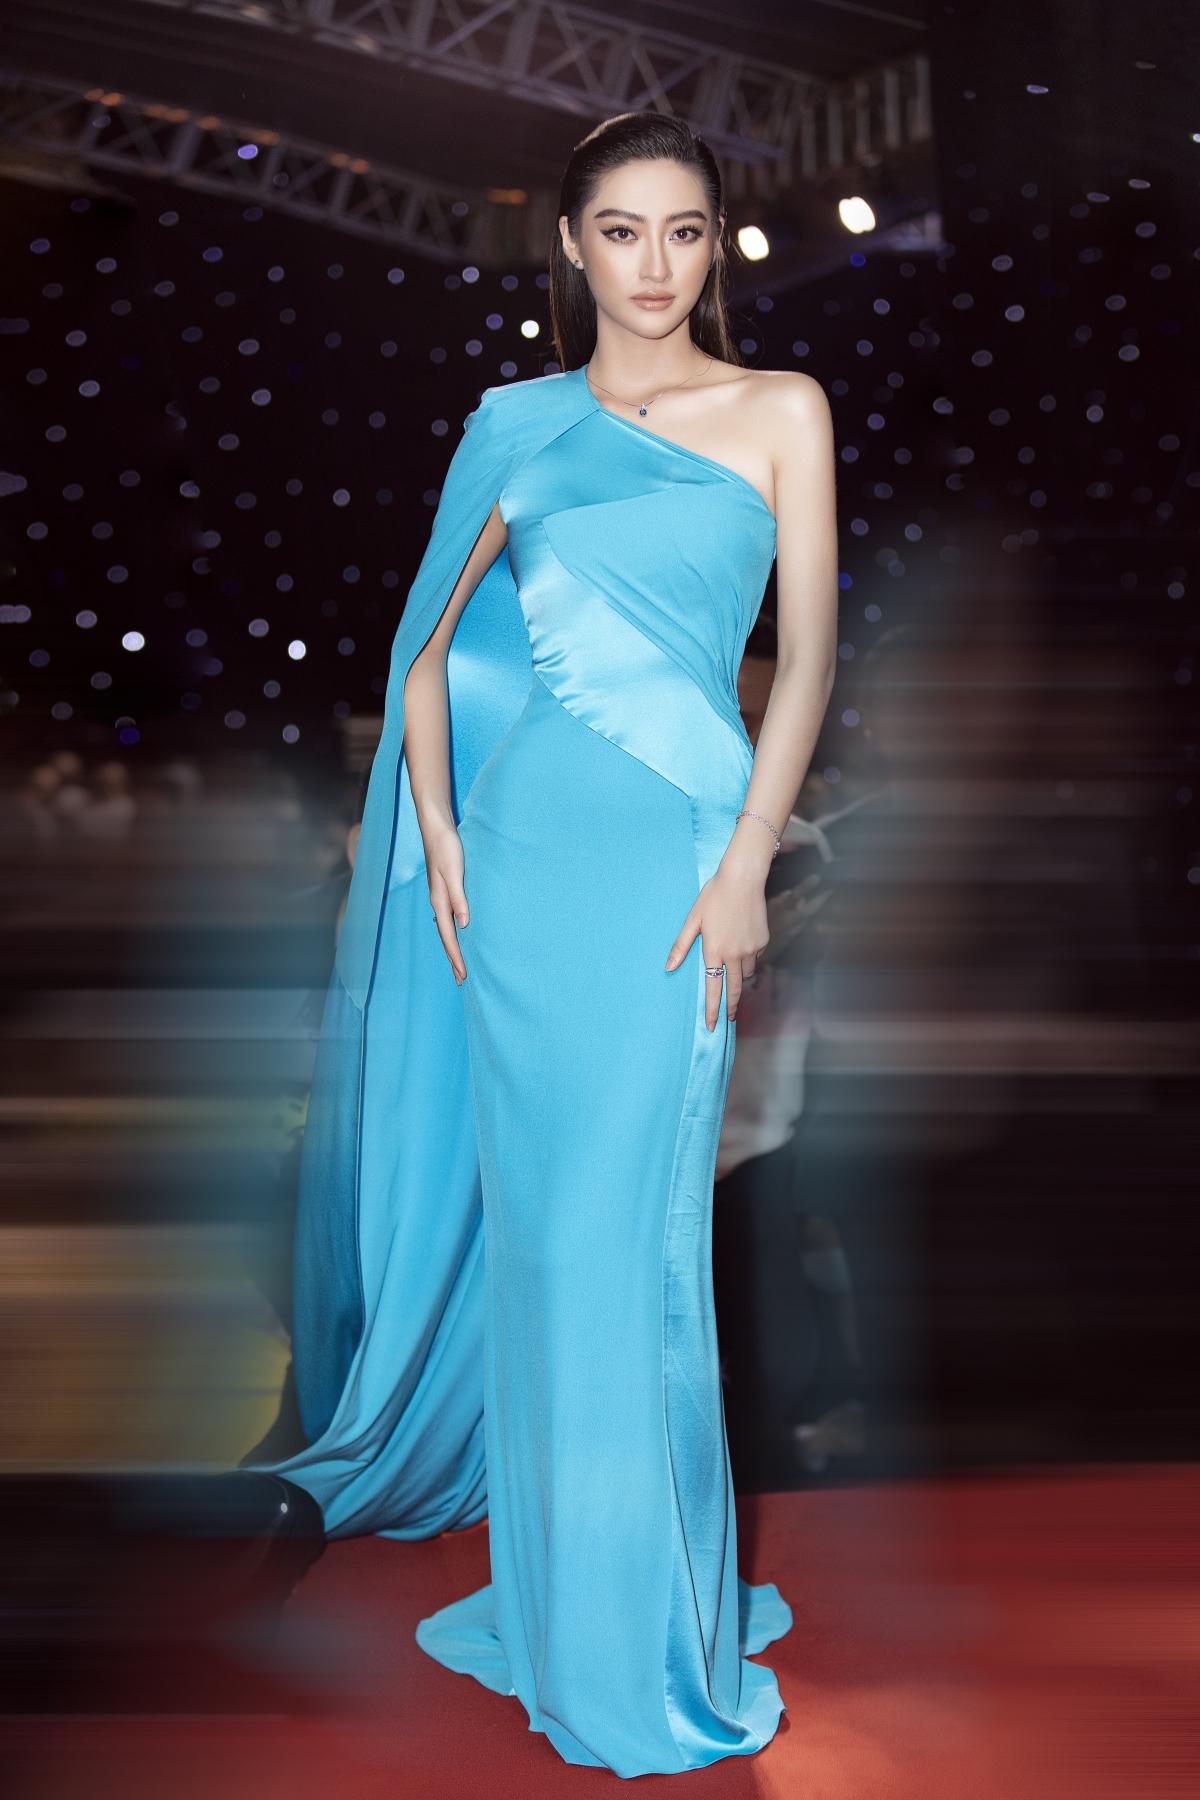 """Sở hữu những đường nét sắc sảo cùng chiều cao """"khủng"""", Lương Thuỳ Linh cũng trình diễn trong bộ sưu tập của NTK Công Trí tại Tuần lễ Thời trang."""